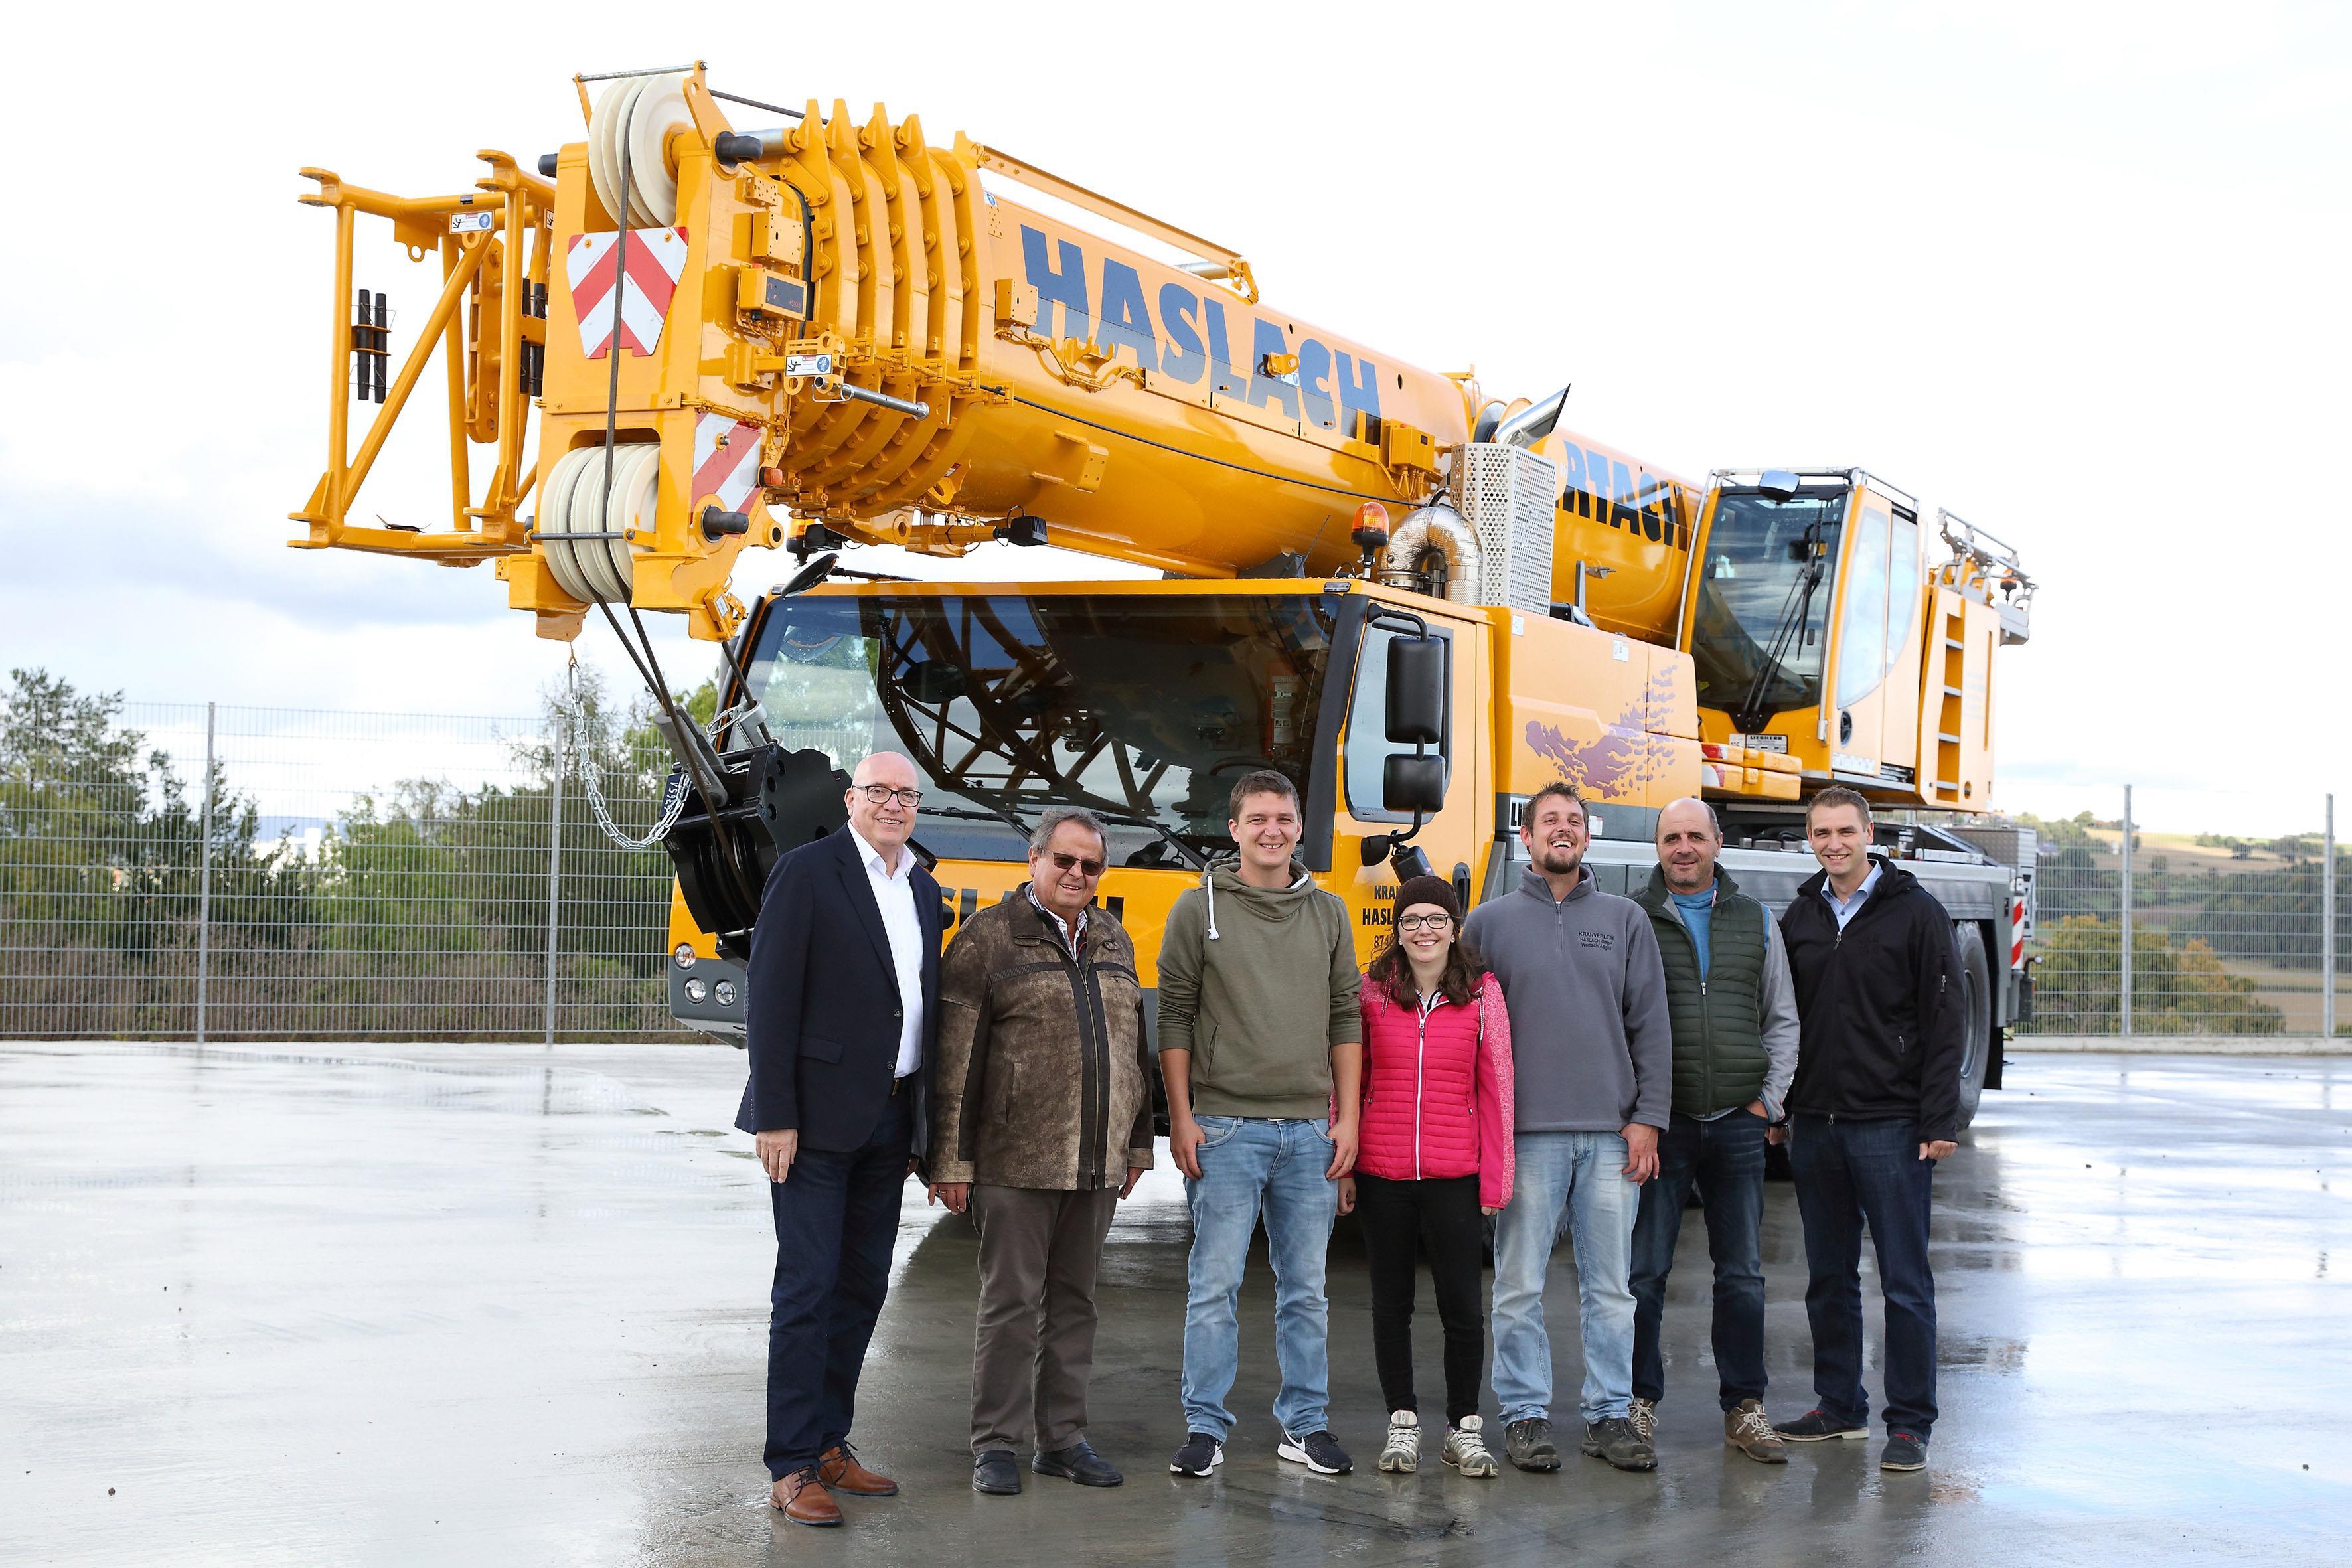 From left to right: Wolfgang Sailer (Liebherr-Werk Ehingen); Eugen Haslach, Roland Haslach, Steffi Keck, Tobias Haslach, Gerhard Hengge (all from Haslach GmbH); and Florian Meier (Liebherr-Werk Ehingen).